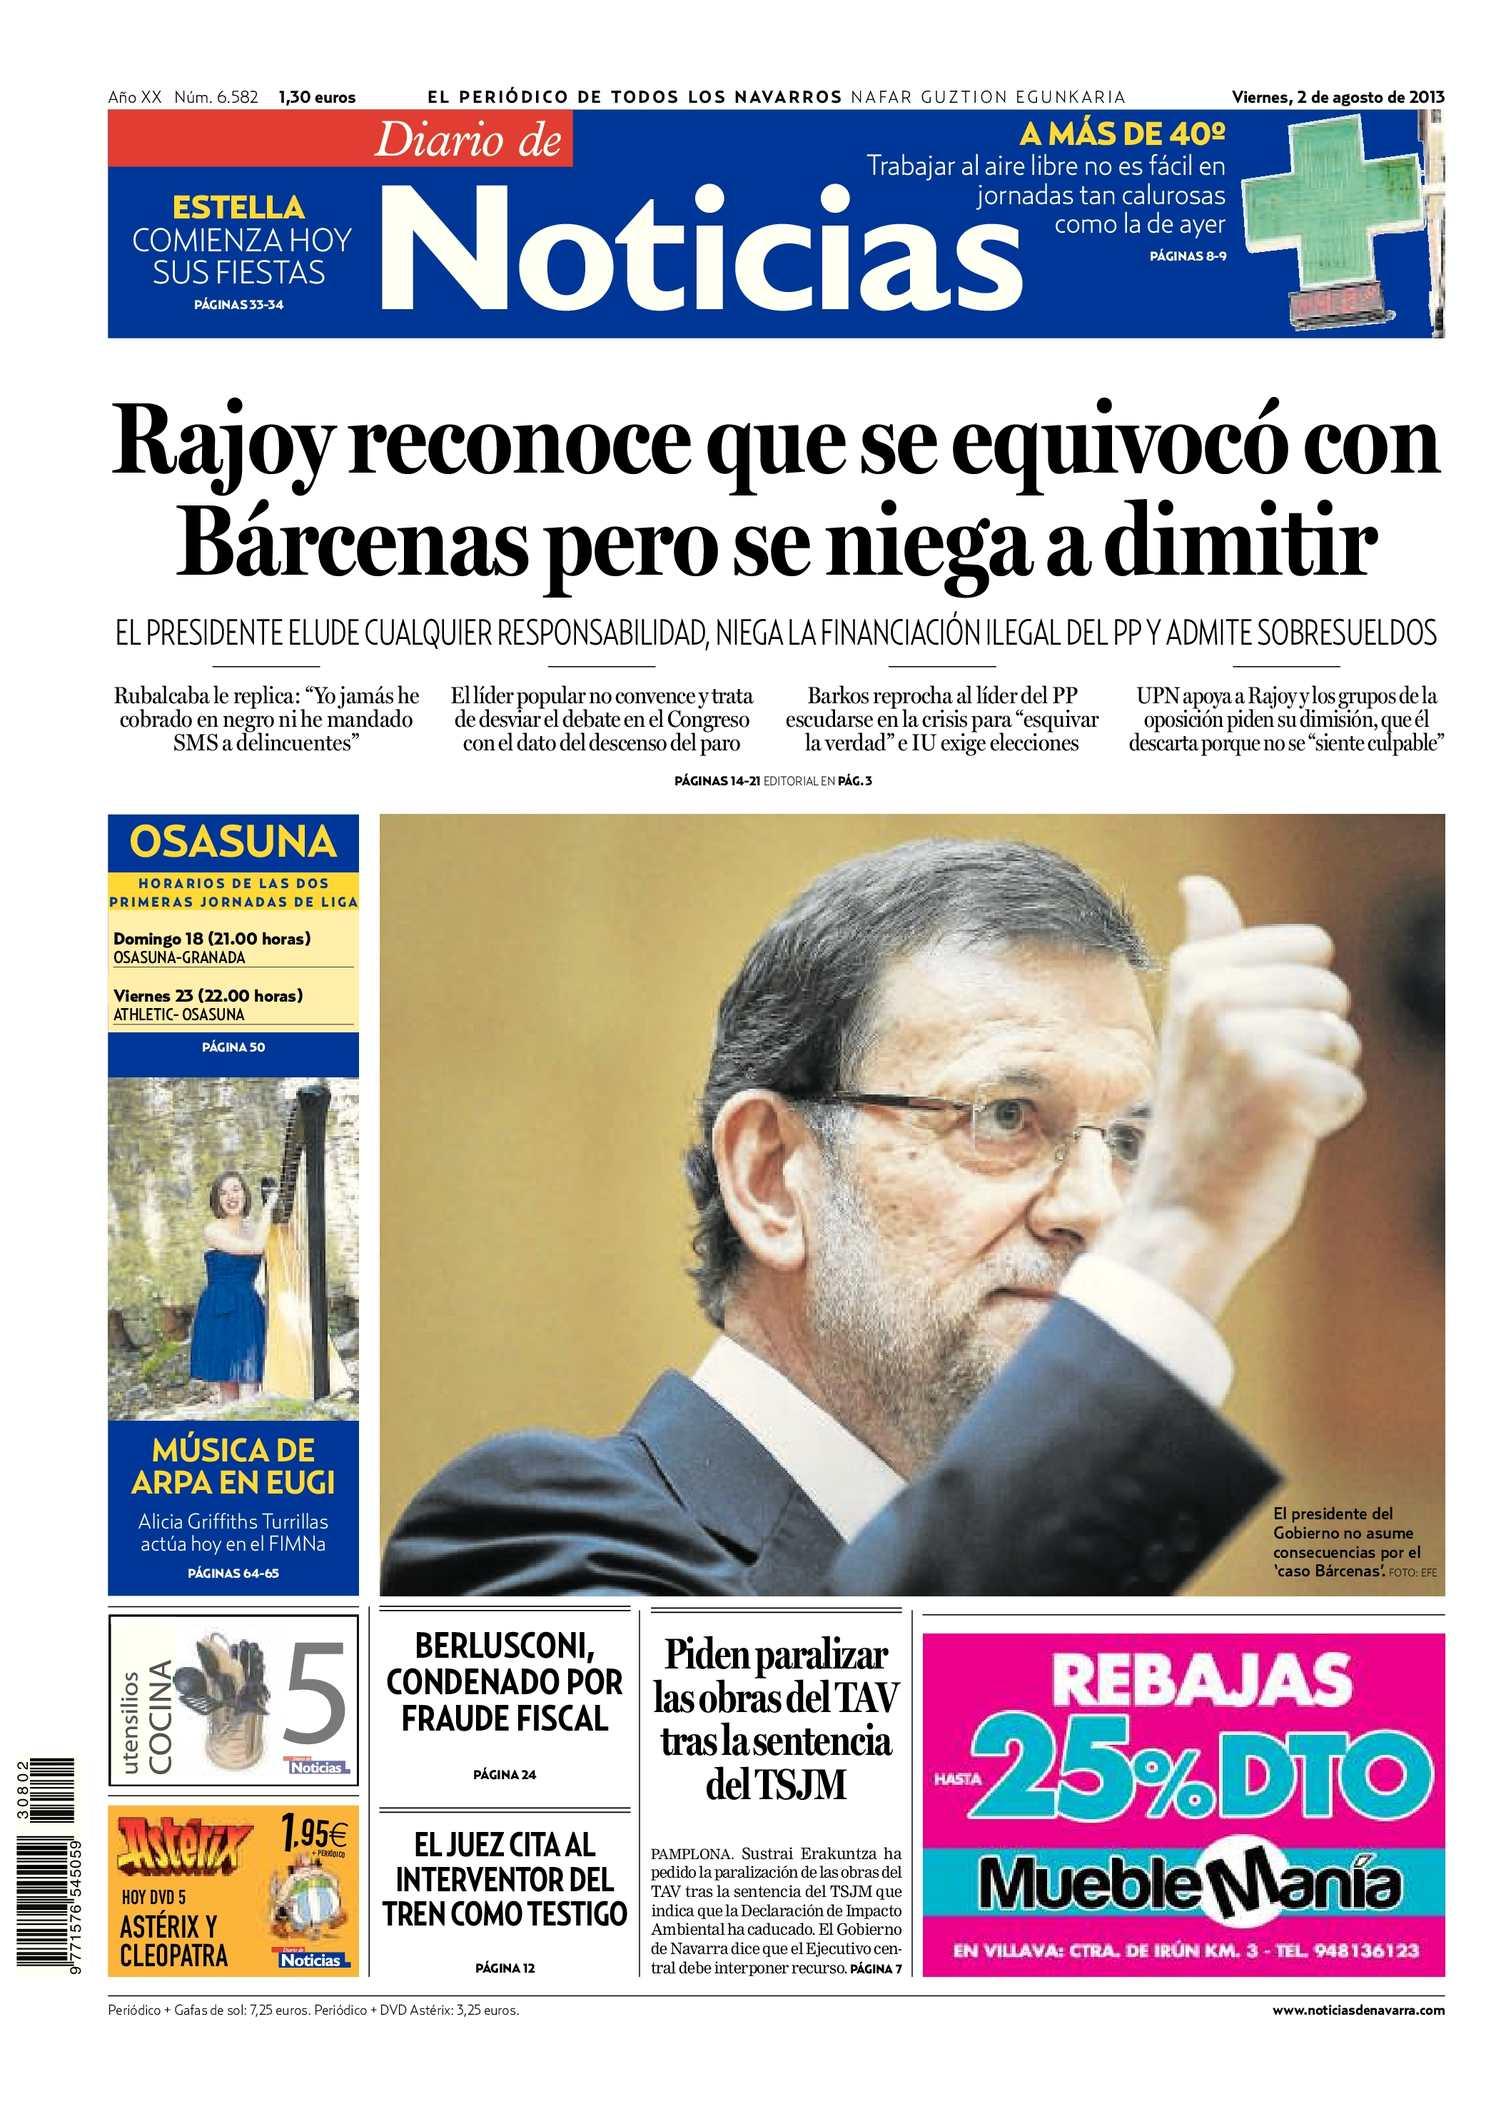 b8b6152c0e Calaméo - Diario de Noticias 20130802